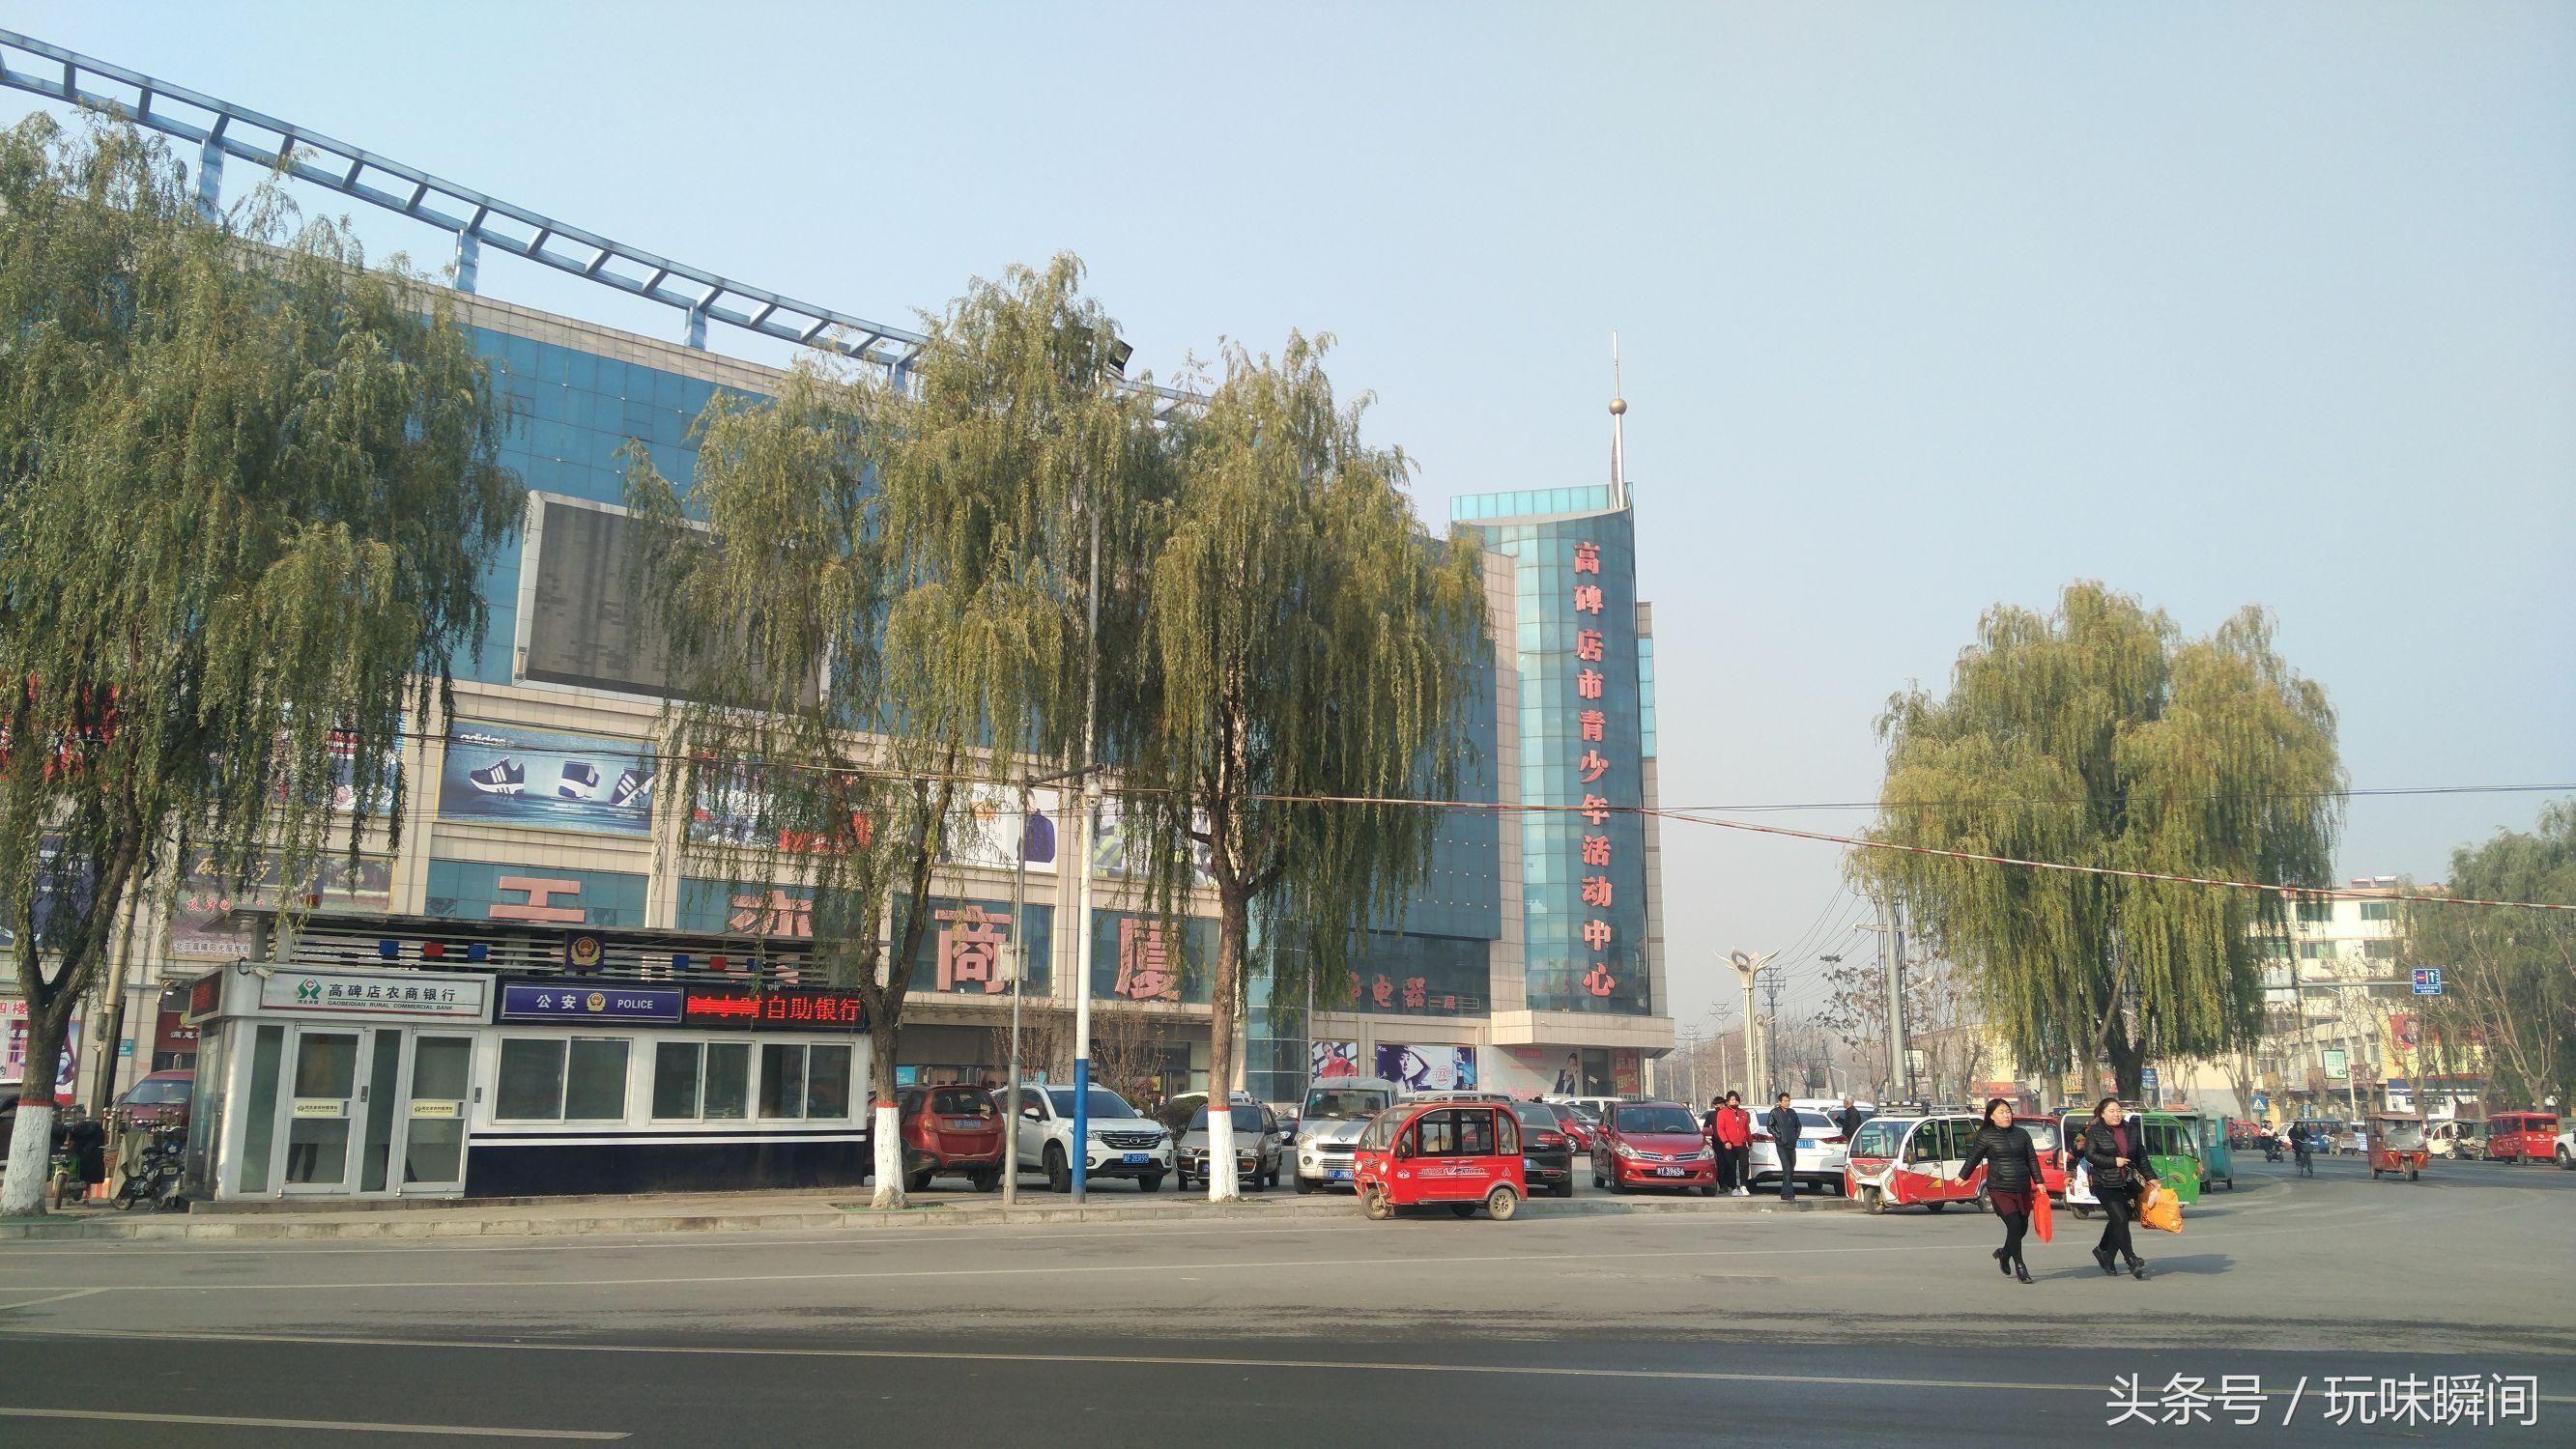 北京新发地,京开市场迁址高碑店,是河北保定的,不是朝阳高碑店